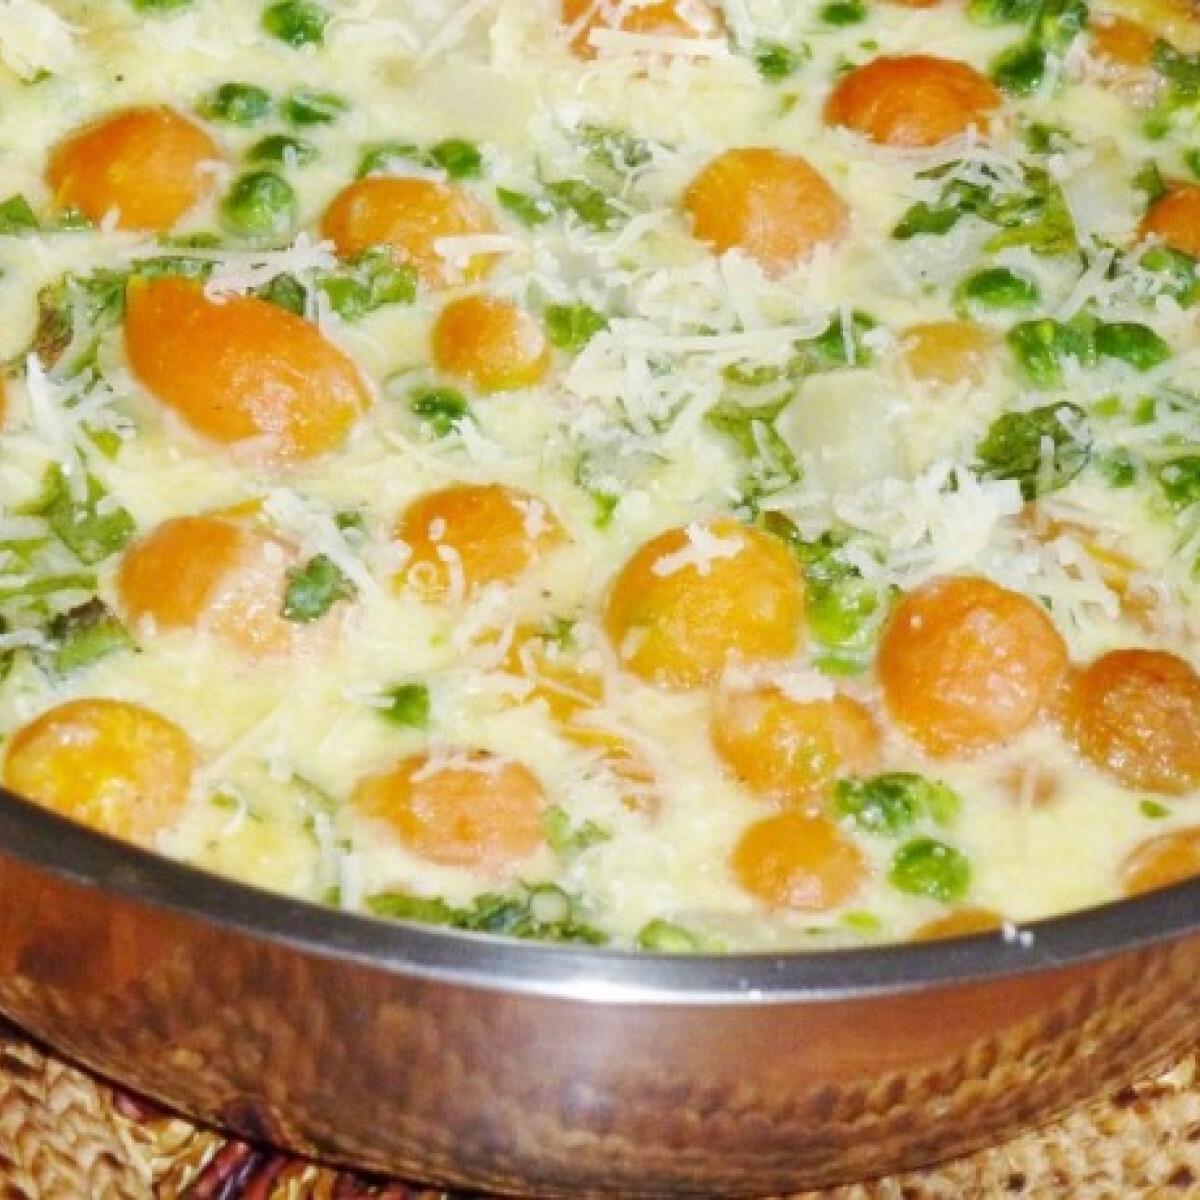 Ezen a képen: Tejszínes-sajtos zöldségomlett csőben sütve